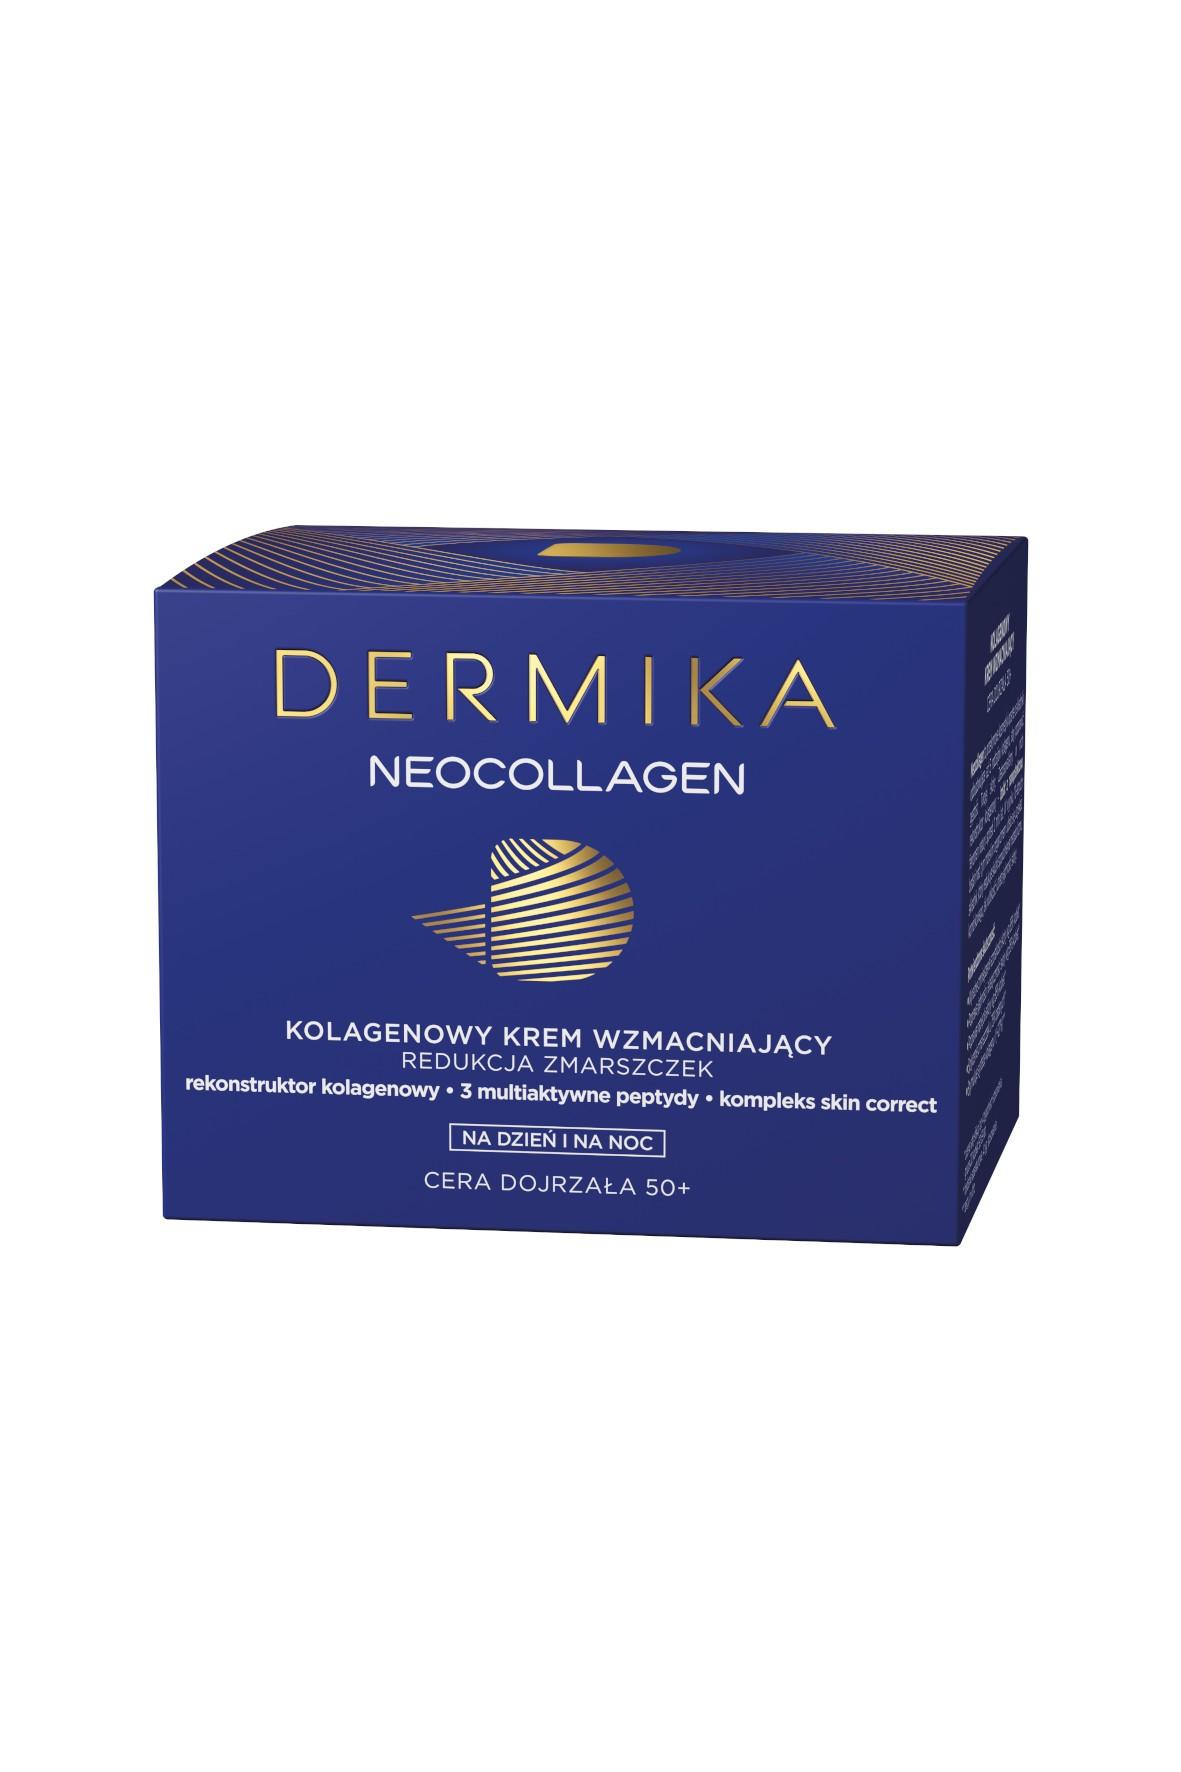 DERMIKA NEOCOLLAGEN 50+ Krem dzień/noc - 50 ml